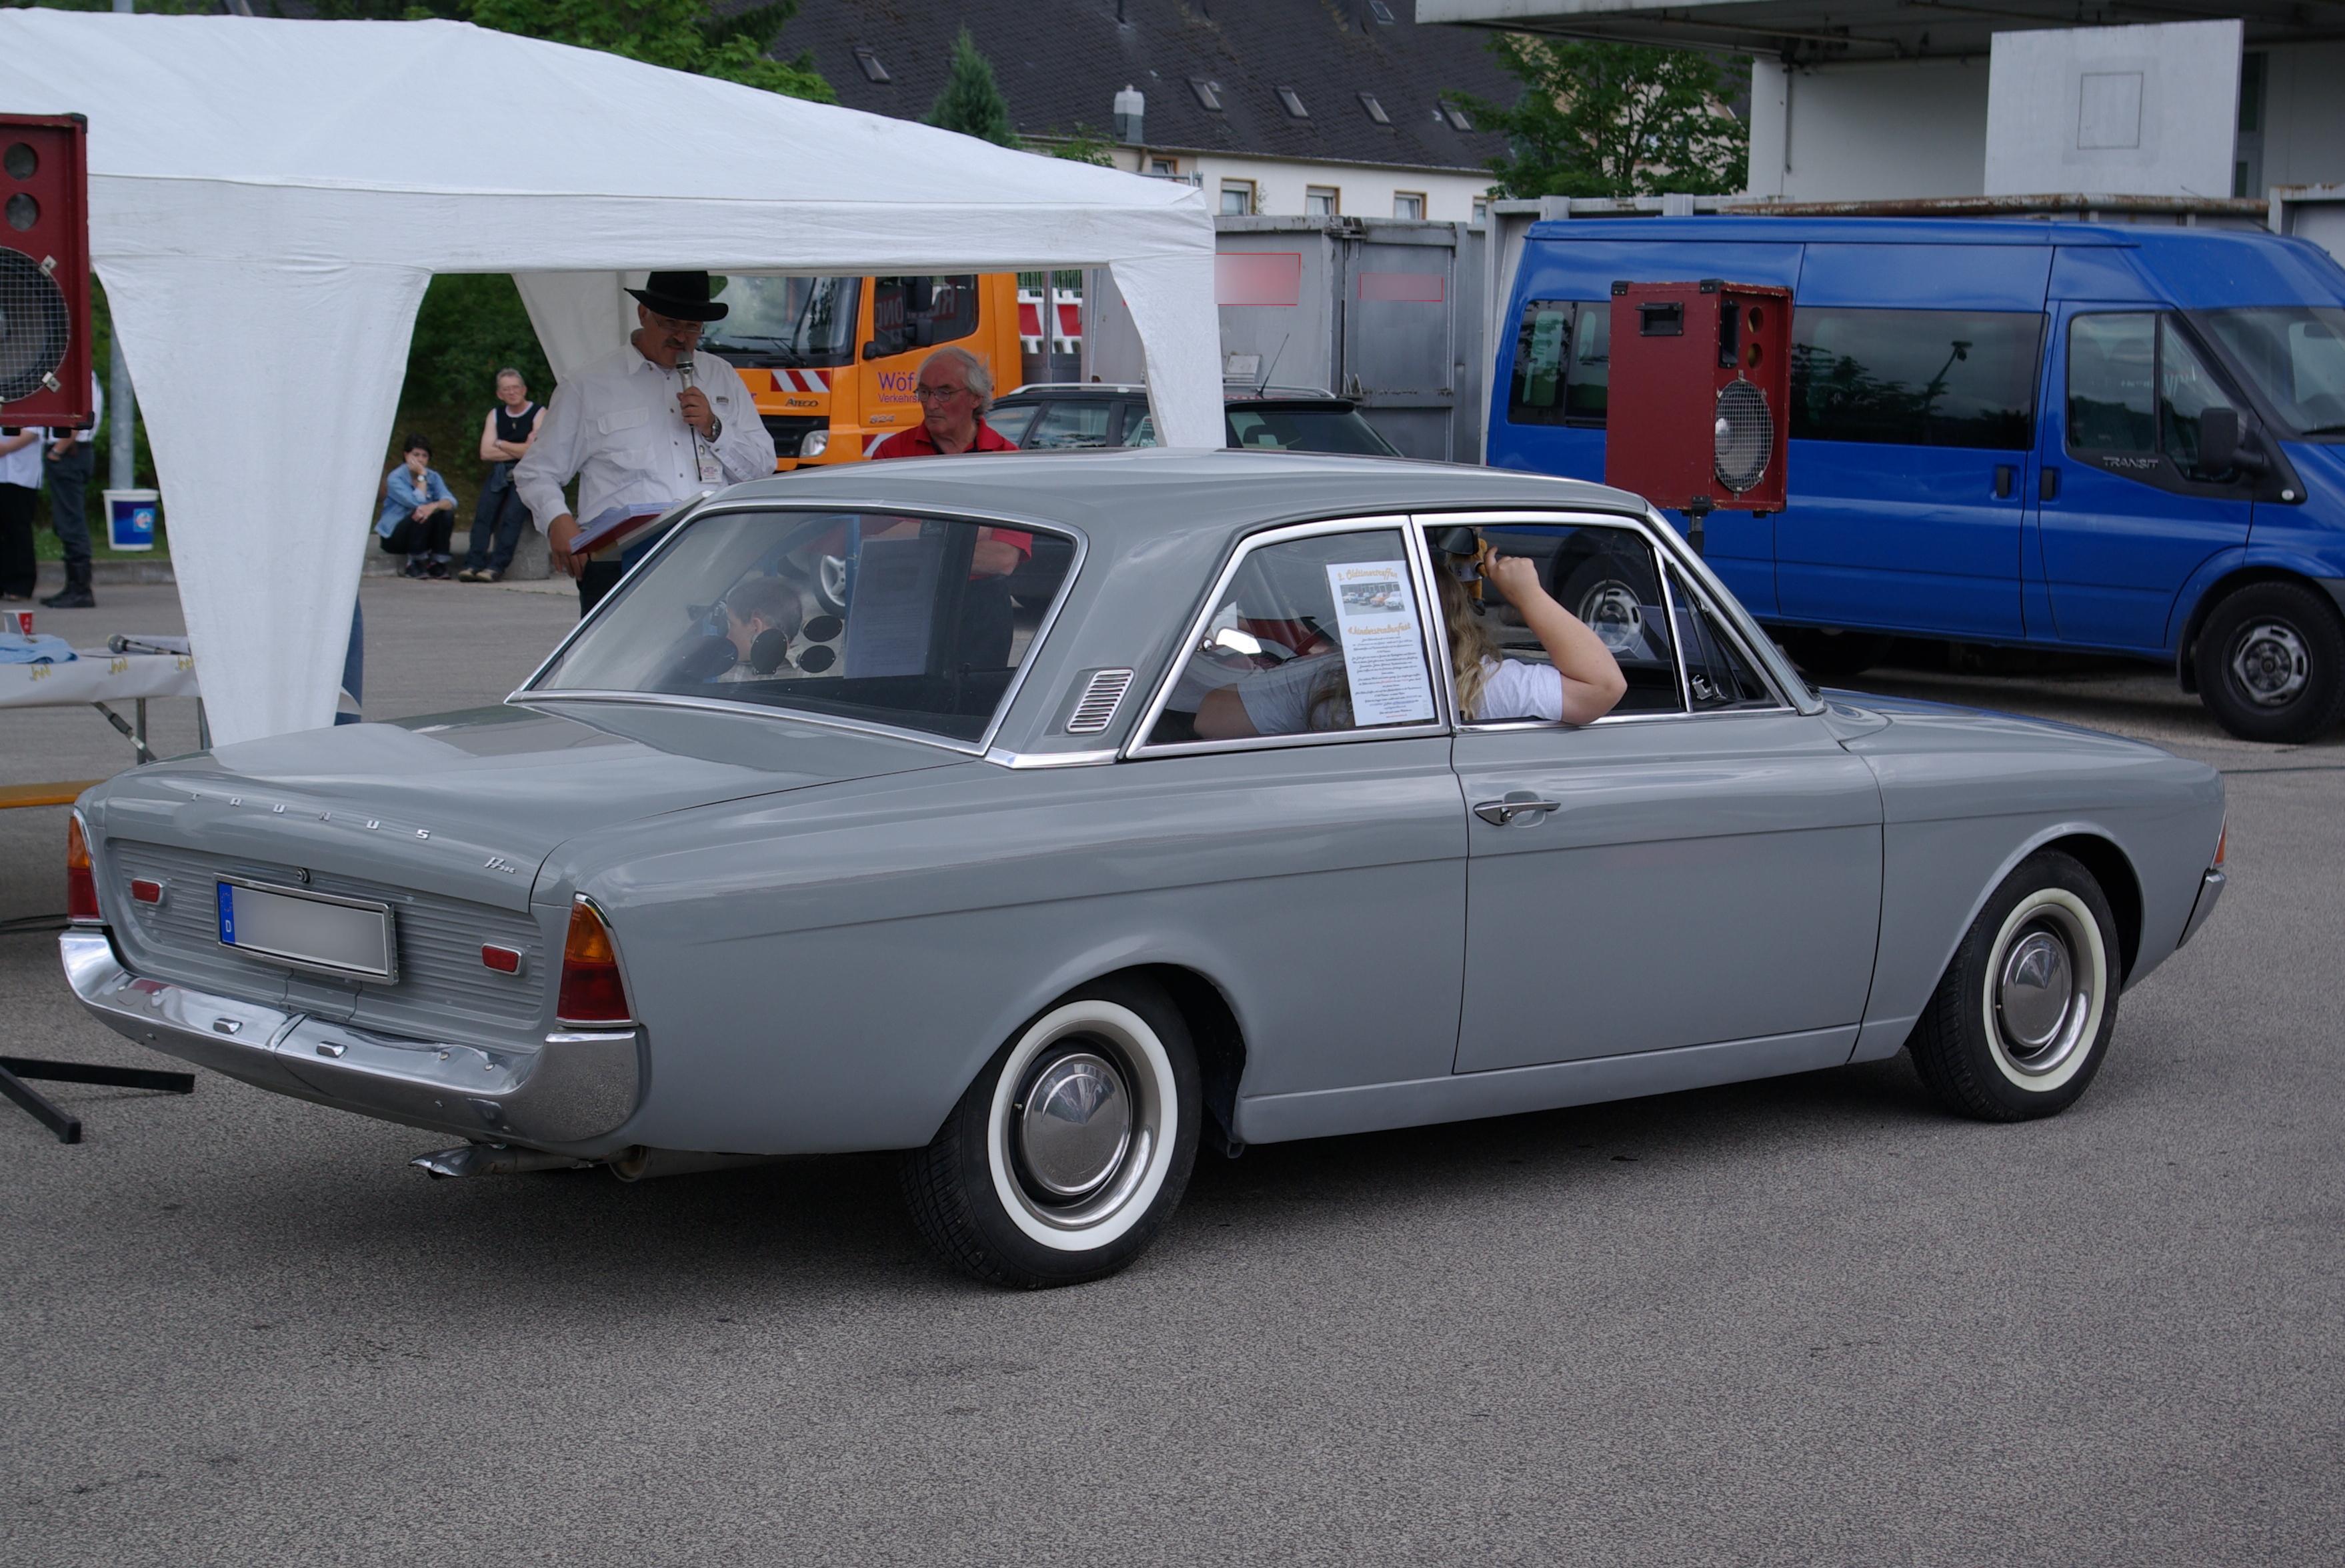 ford taunus ford taunus 17 m ford taunus 1970 ford taunus 12 m dotge car. Black Bedroom Furniture Sets. Home Design Ideas